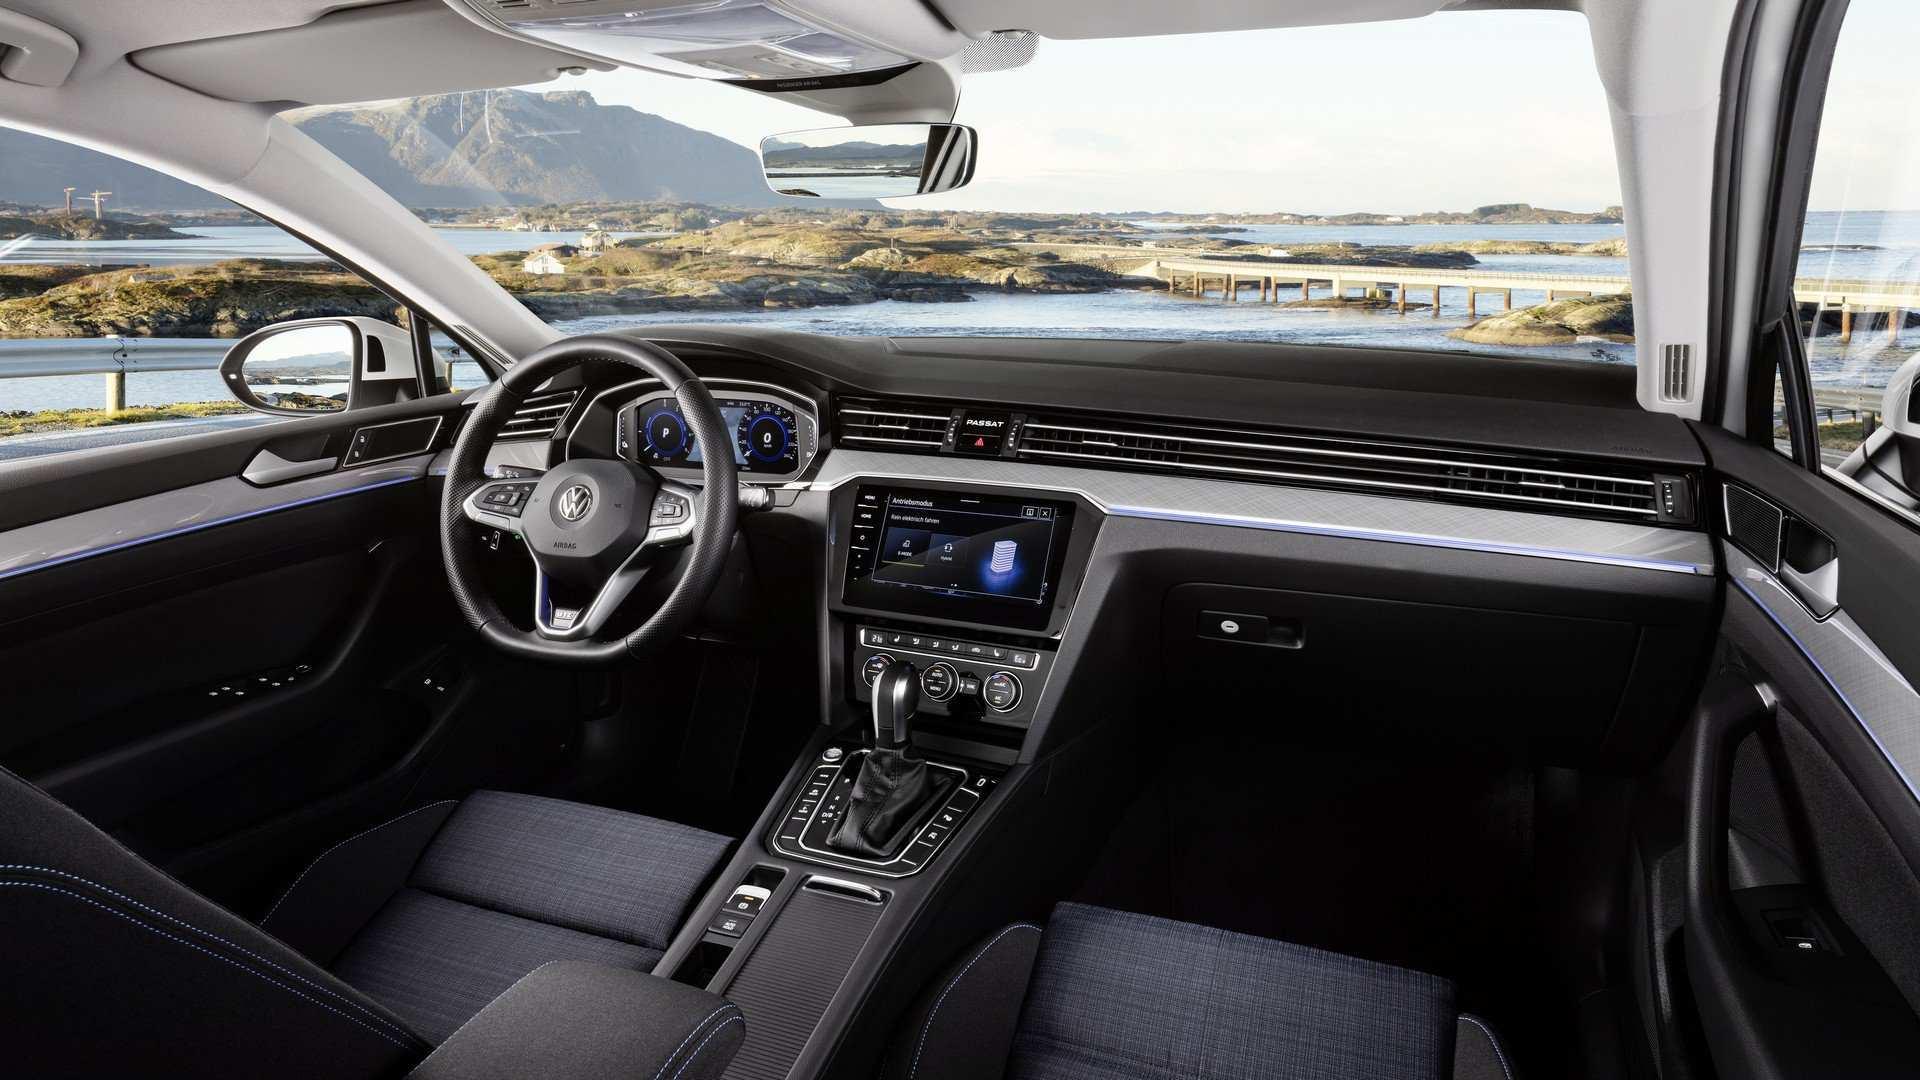 50 All New Volkswagen Passat 2020 Interior Redesign with Volkswagen Passat 2020 Interior